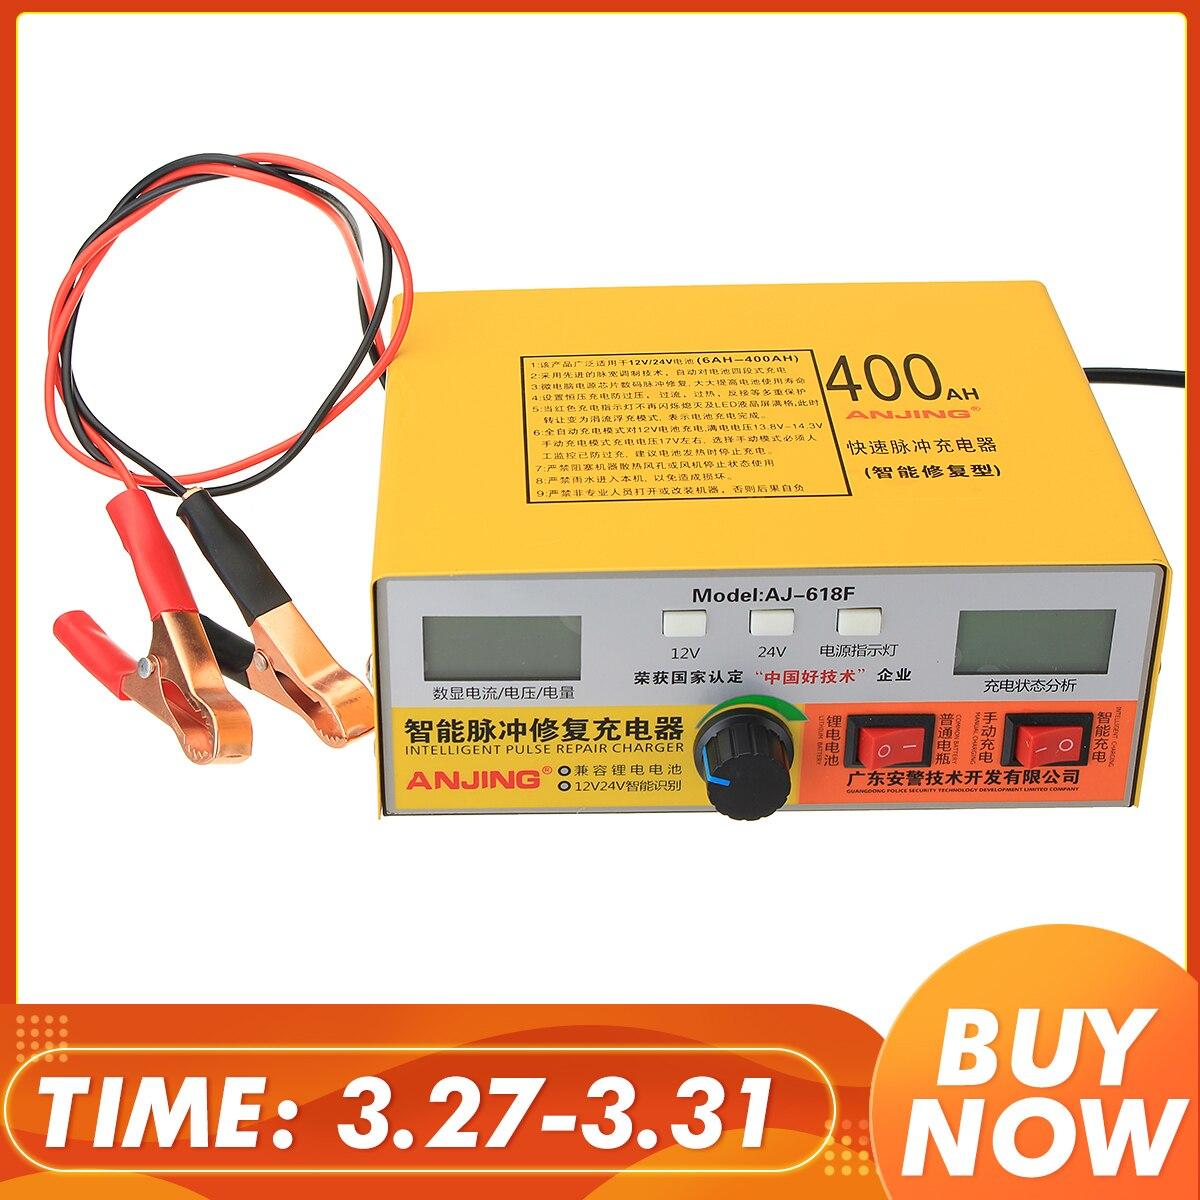 400AH 12v 24v автоматическое автомобильное зарядное устройство интеллектуальное автомобильное зарядное устройство импульсный Ремонт Зарядка м...